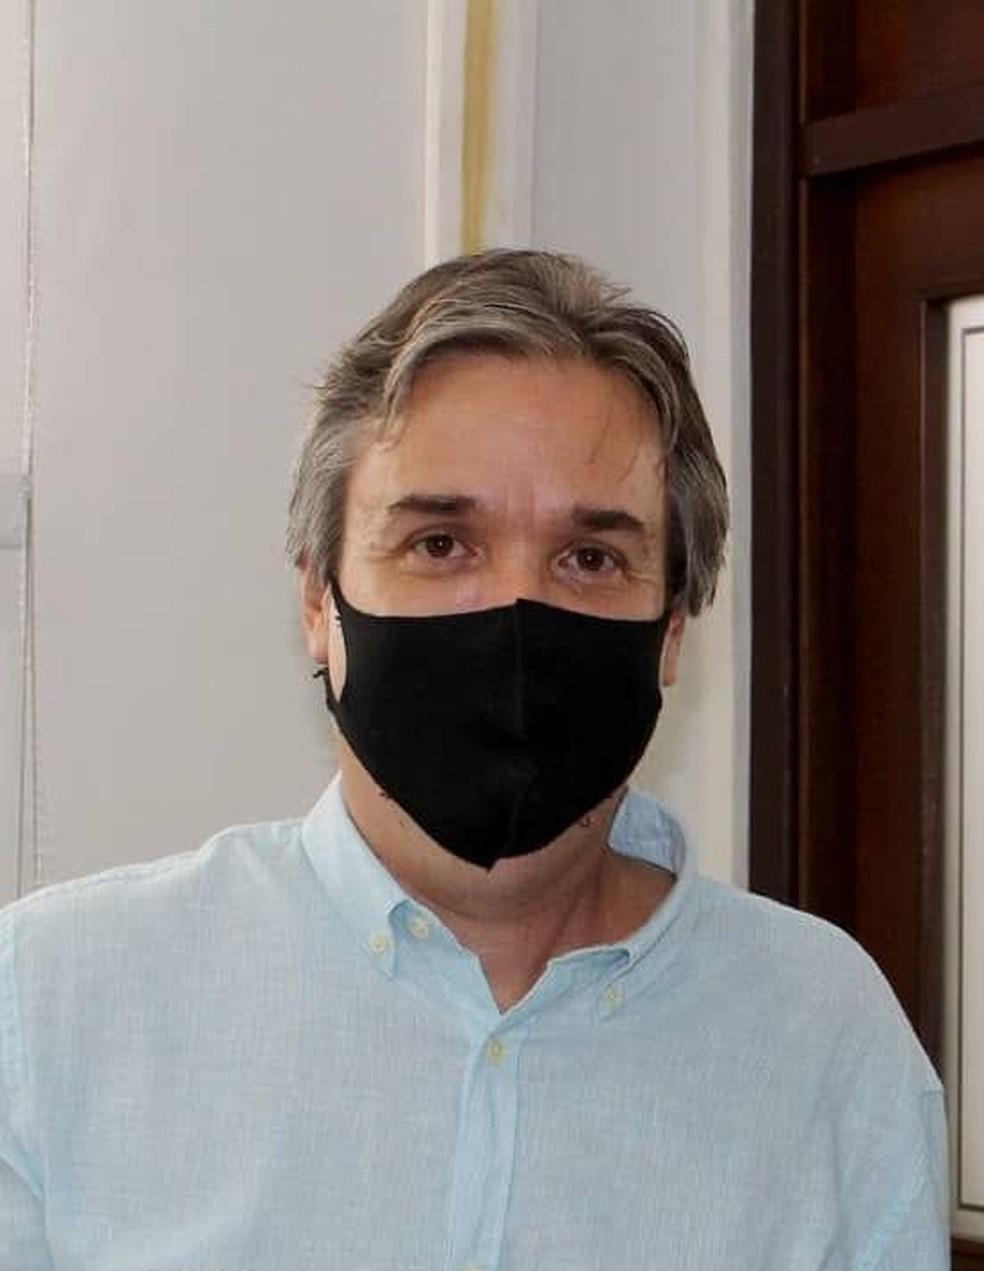 Morre secretário de Governo e Relações Institucionais, Adriano Viterbo — Foto: Divulgação/Prefeitura de Taubaté